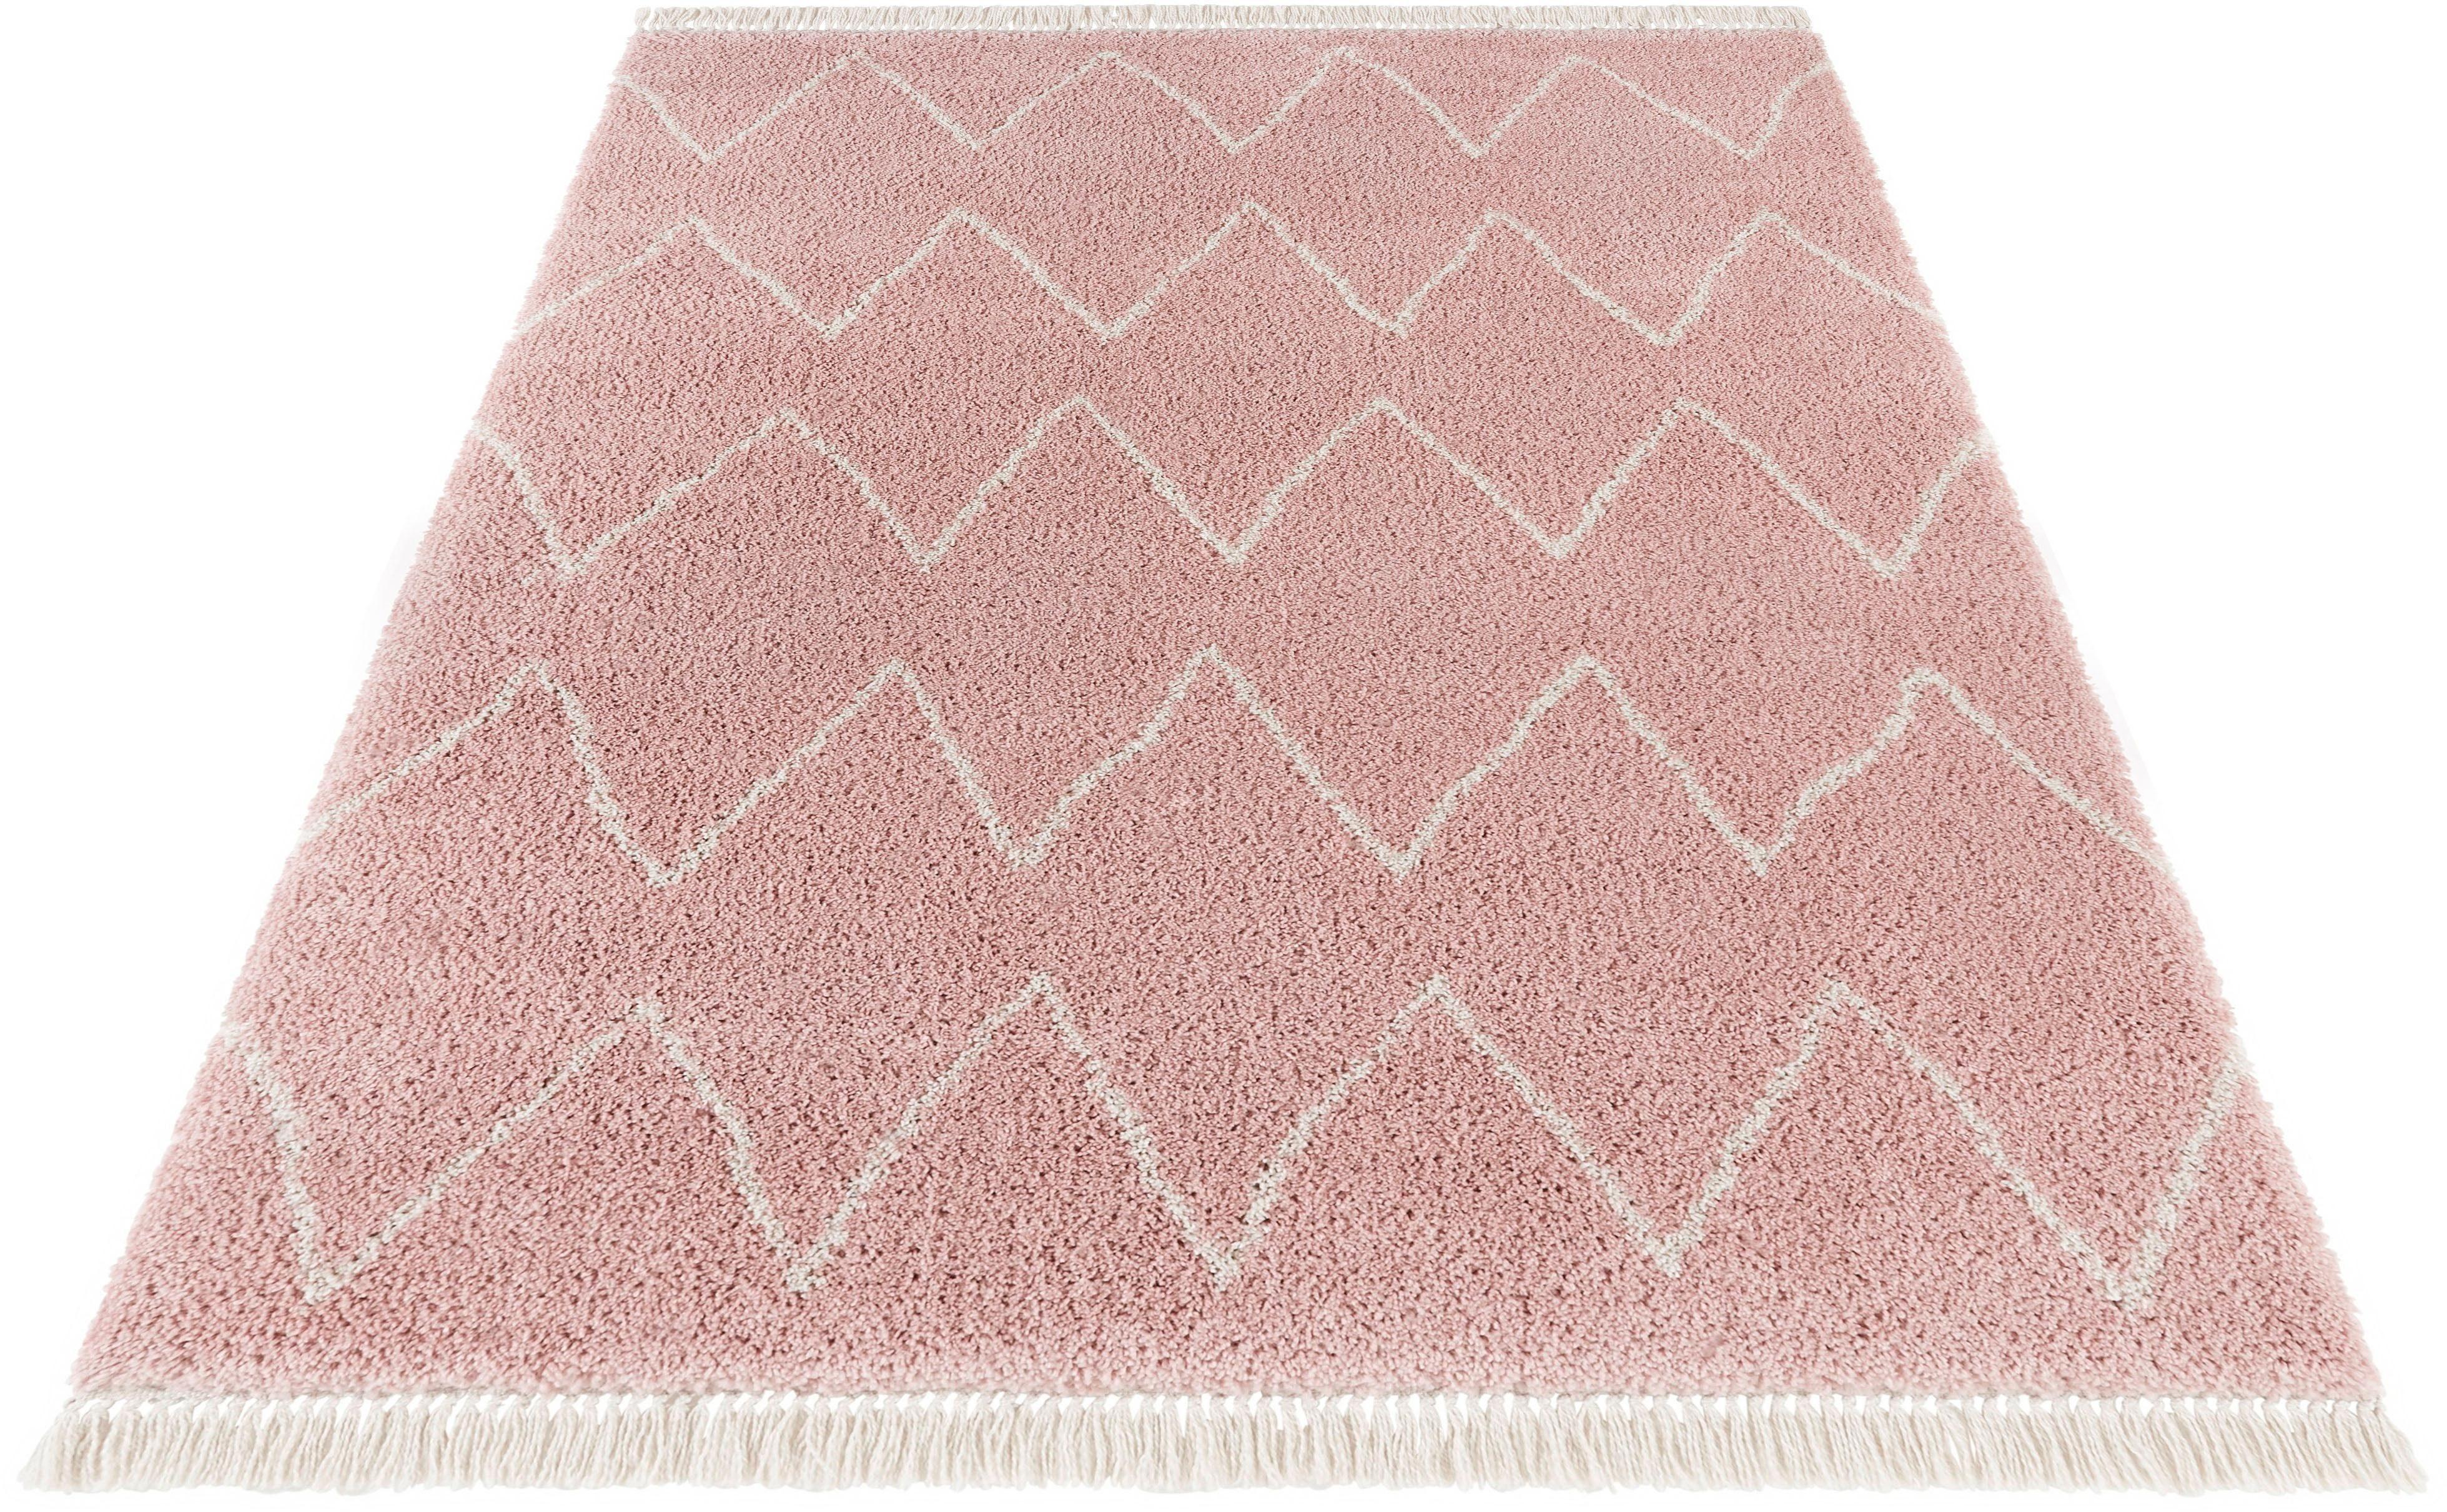 Hochflor-Teppich Ruby MINT RUGS rechteckig Höhe 35 mm maschinell gewebt